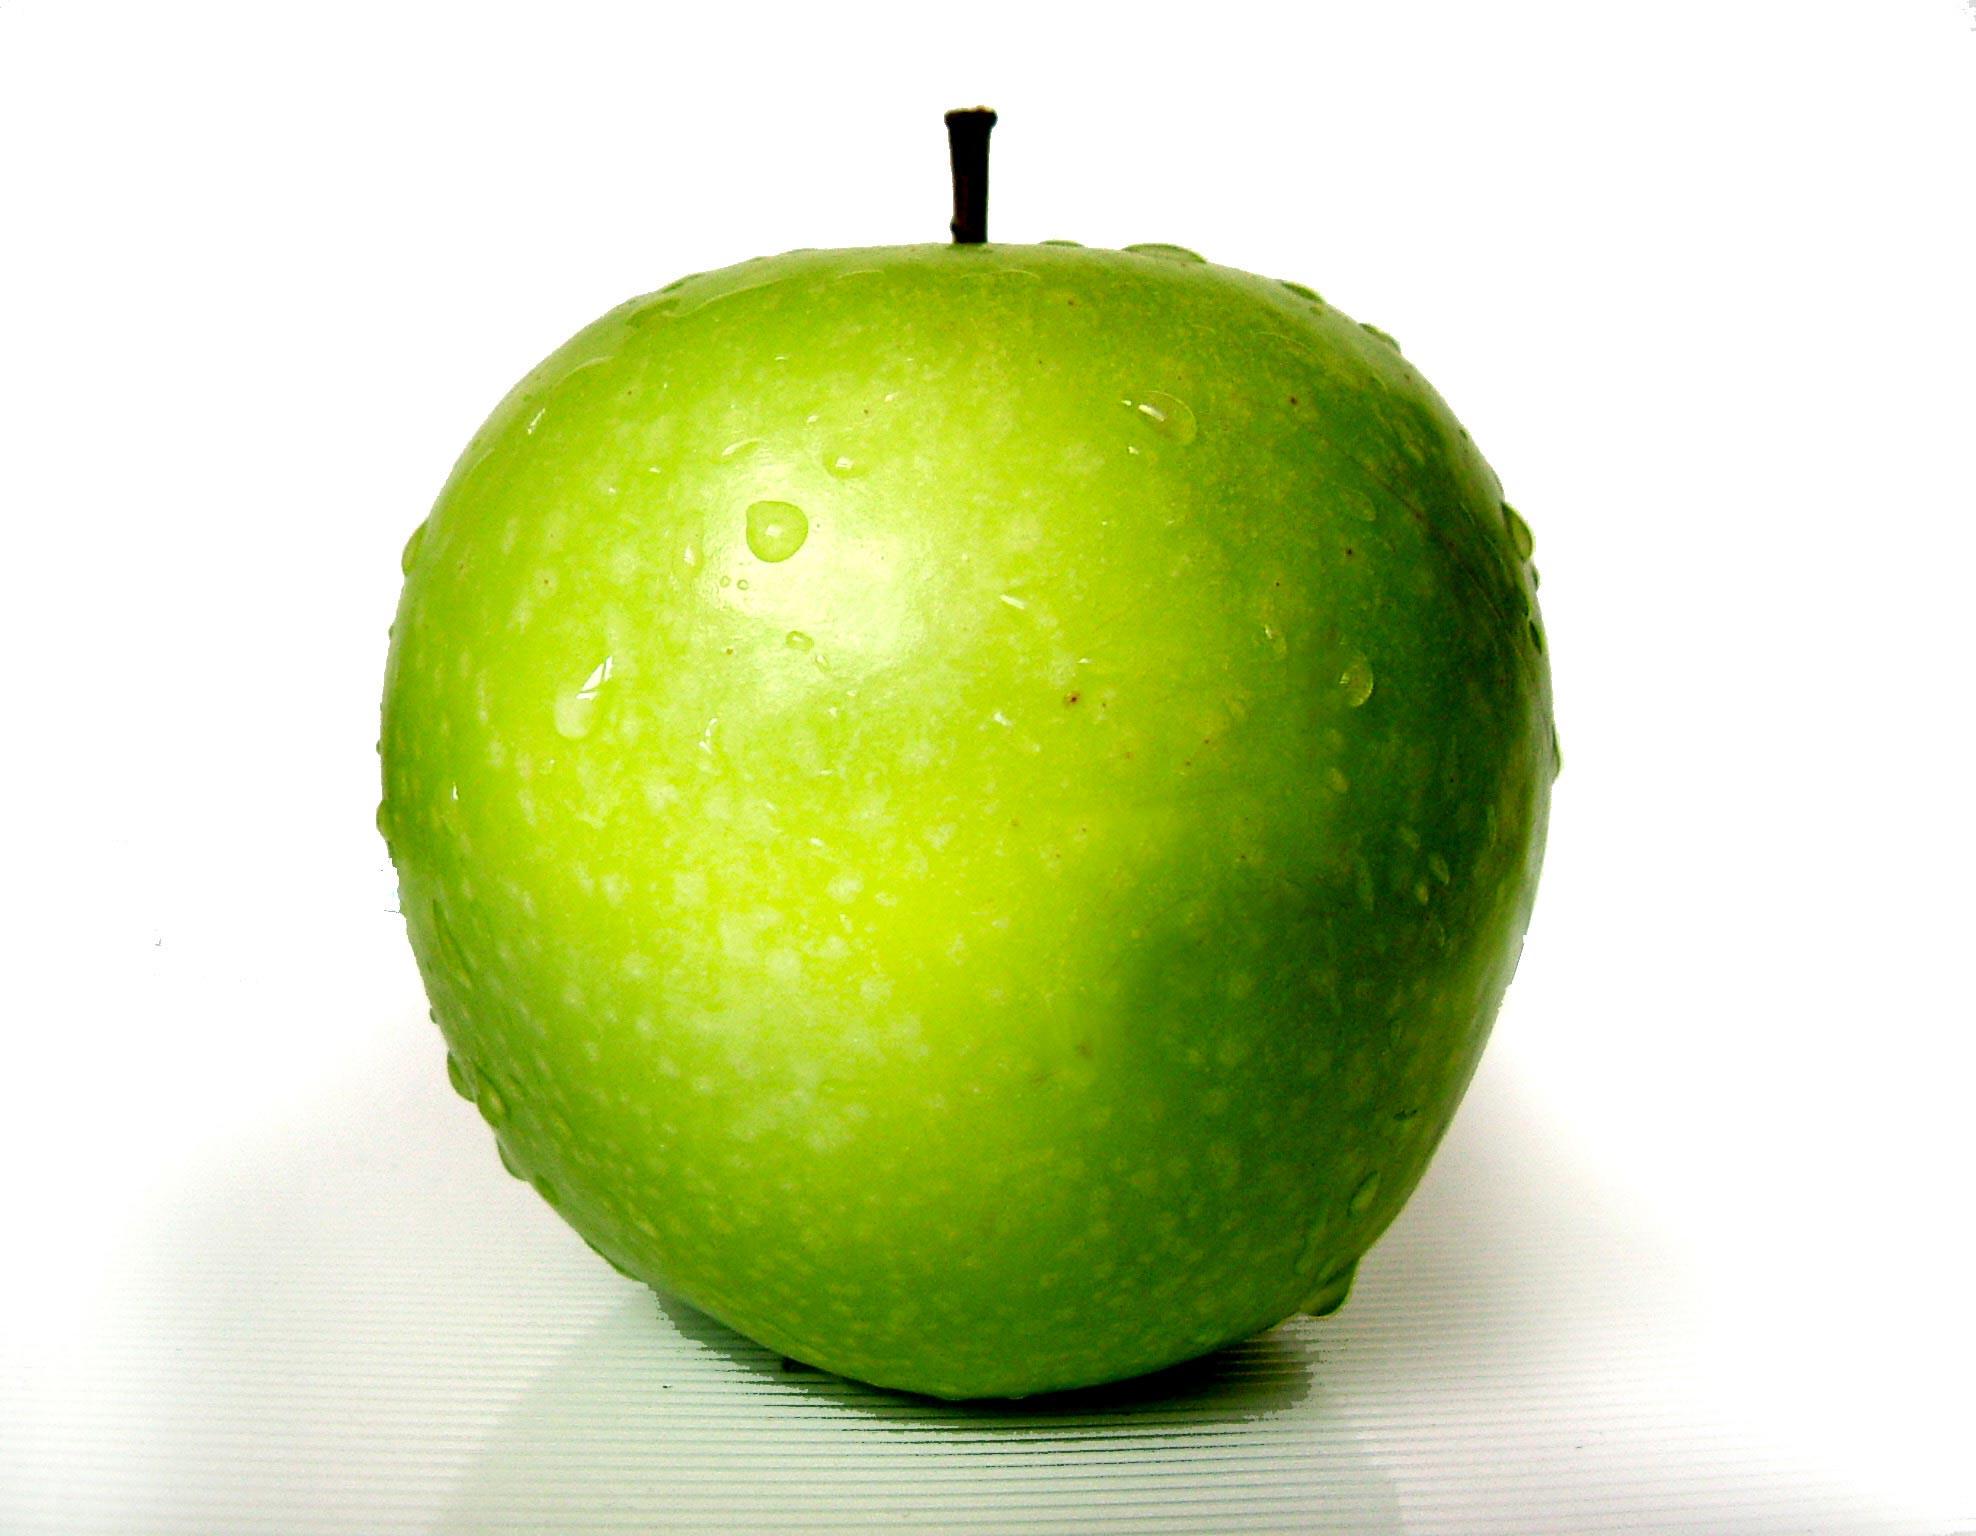 Зеленое яблоко, обои для рабочего стола